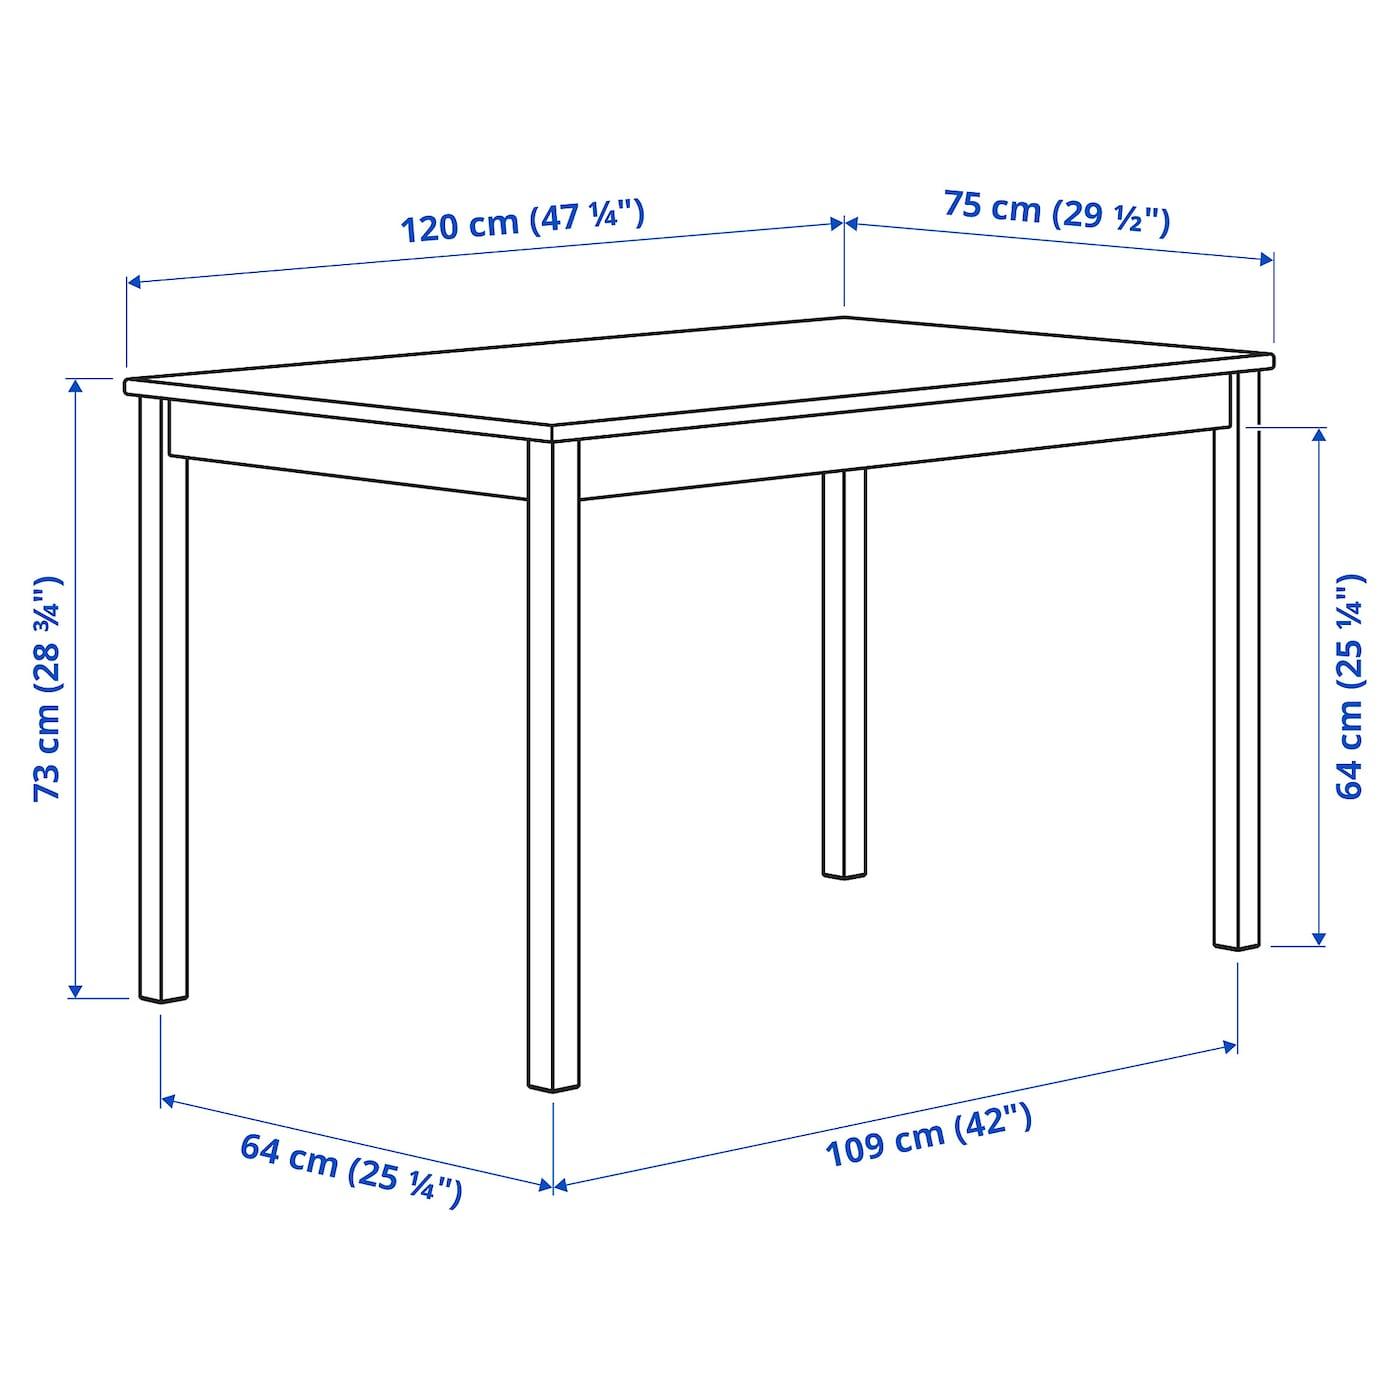 INGO Tisch Kiefer 120x75 cm